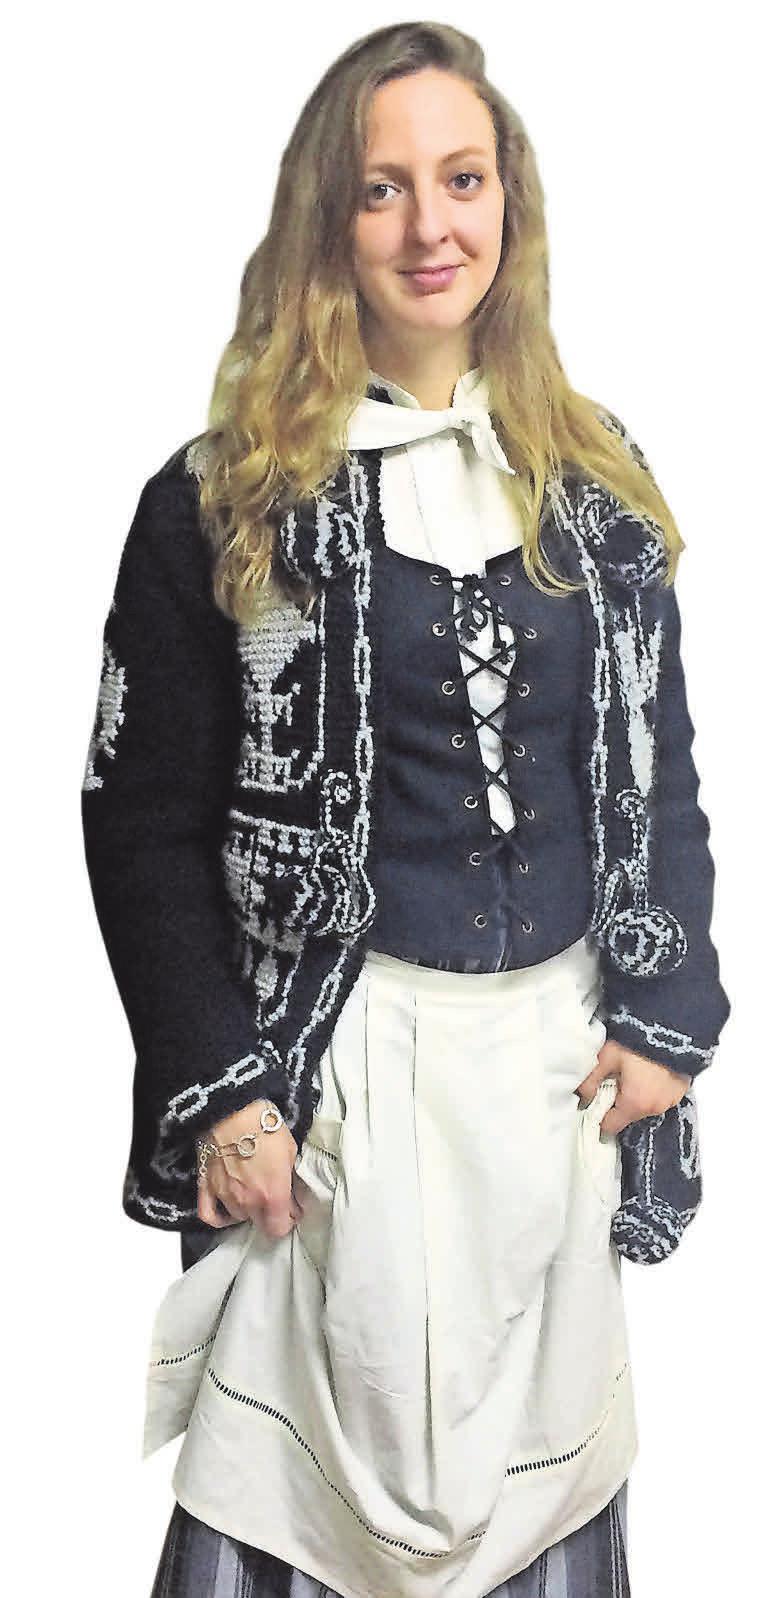 """Heiligabend kleiden sich viele Basken in traditionellen Gewändern. """"Eigentlich gehört bei den Frauen noch ein Kopftuch dazu, aber das mache ich nicht"""", sagt Nerea Lakuntza. Und die Männer? Die tragen natürlich Baskenmütze."""